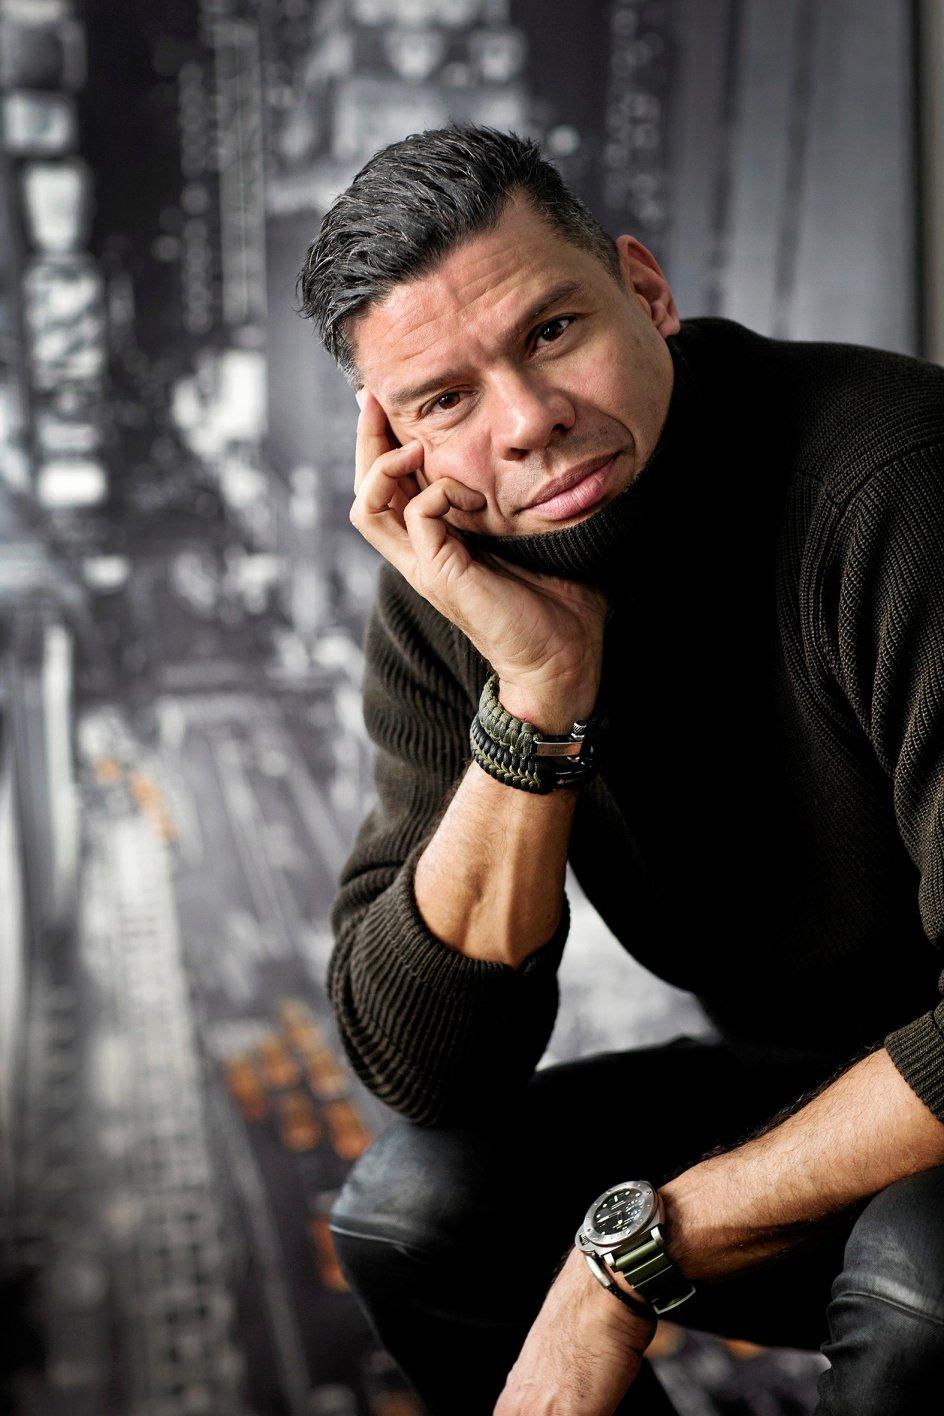 Vincent Hendricks, født i 1970, er forfatter og professor i filosofi. – Foto: Sif Meincke.